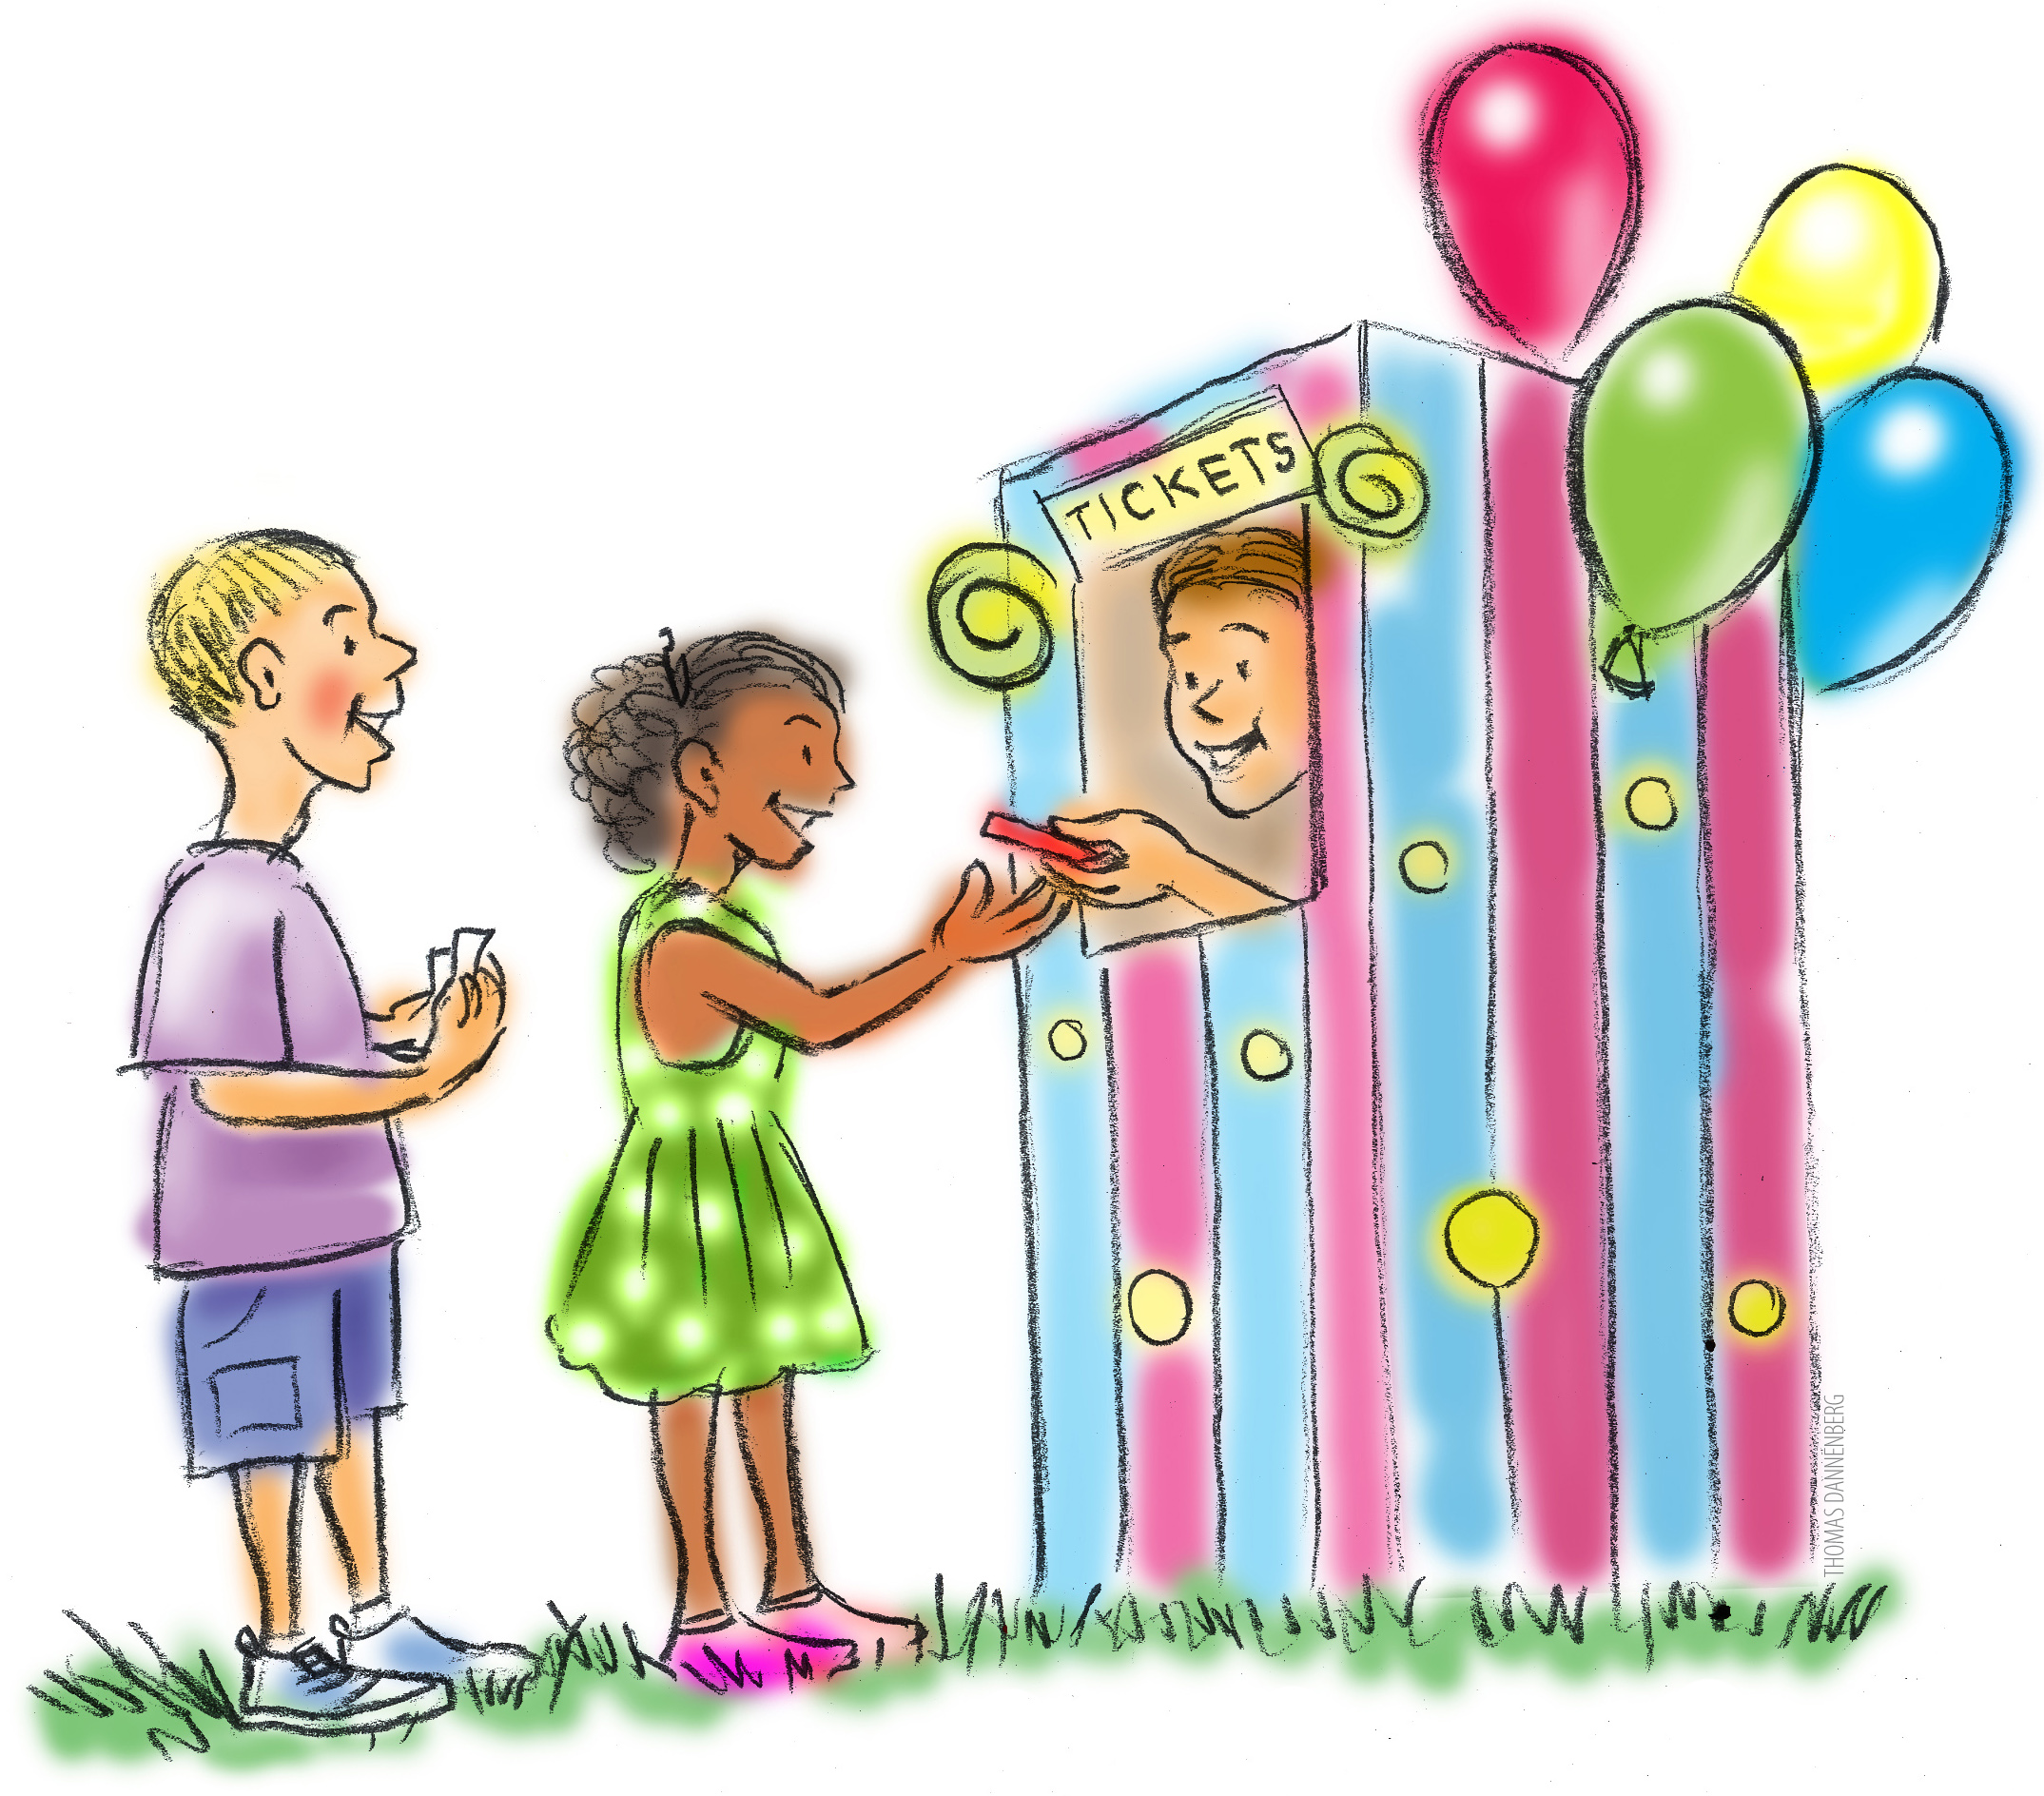 Festival clipart kids carnival Games Clip Carnival games Carnival